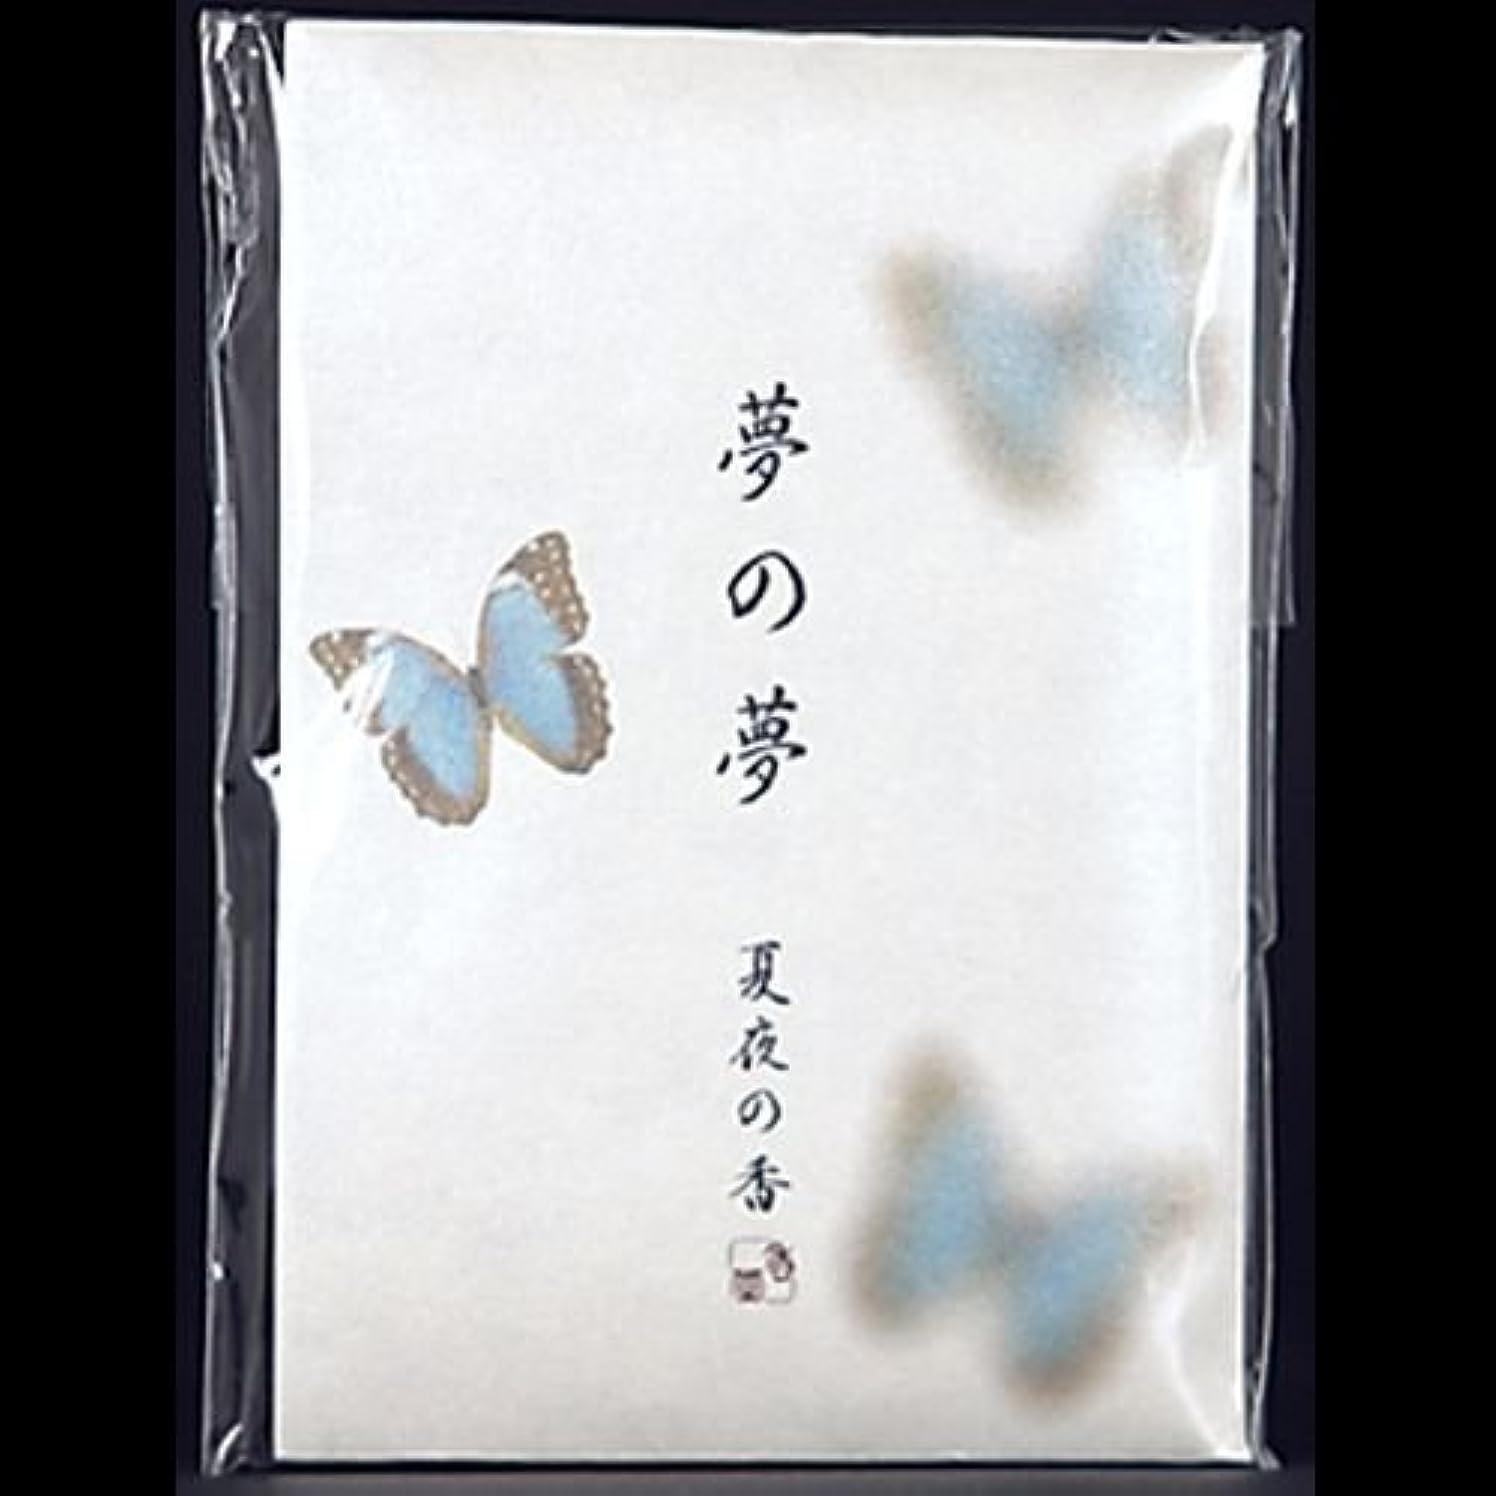 変成器忠実な何もない【まとめ買い】夢の夢 夏夜の香 (蝶々) スティック12本入 ×2セット